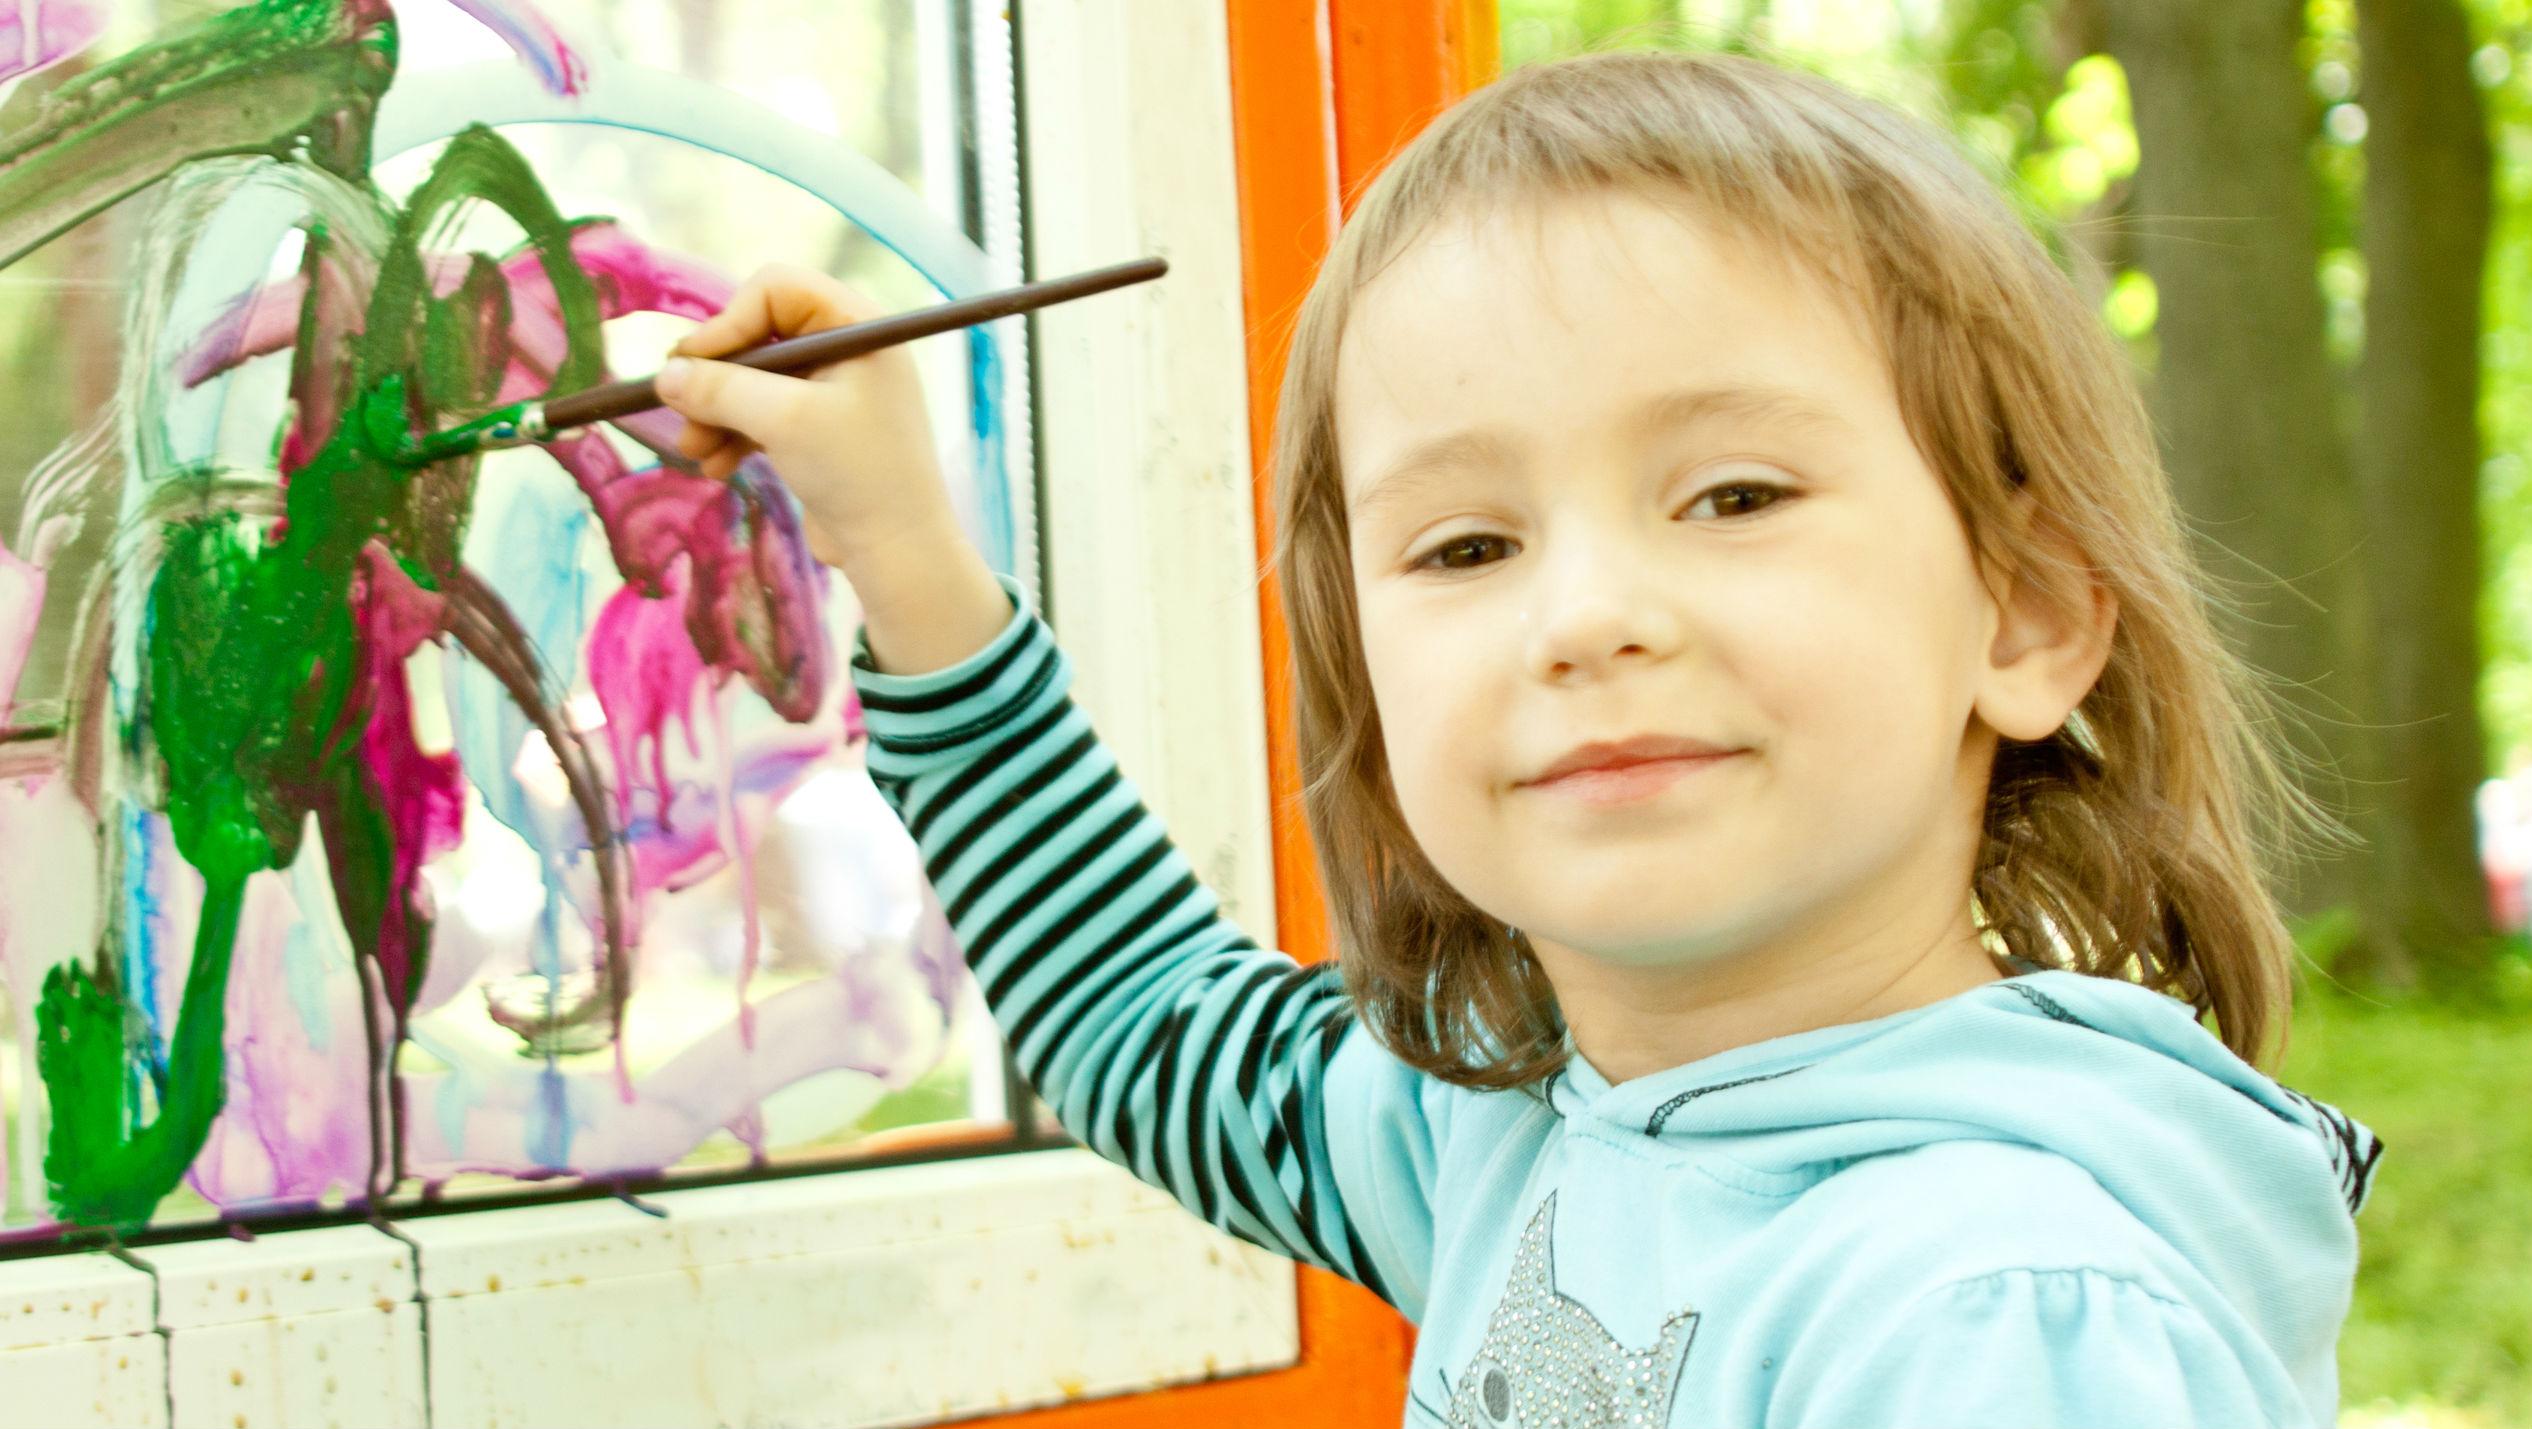 El significado del color en los dibujos de los niños - ABC.es